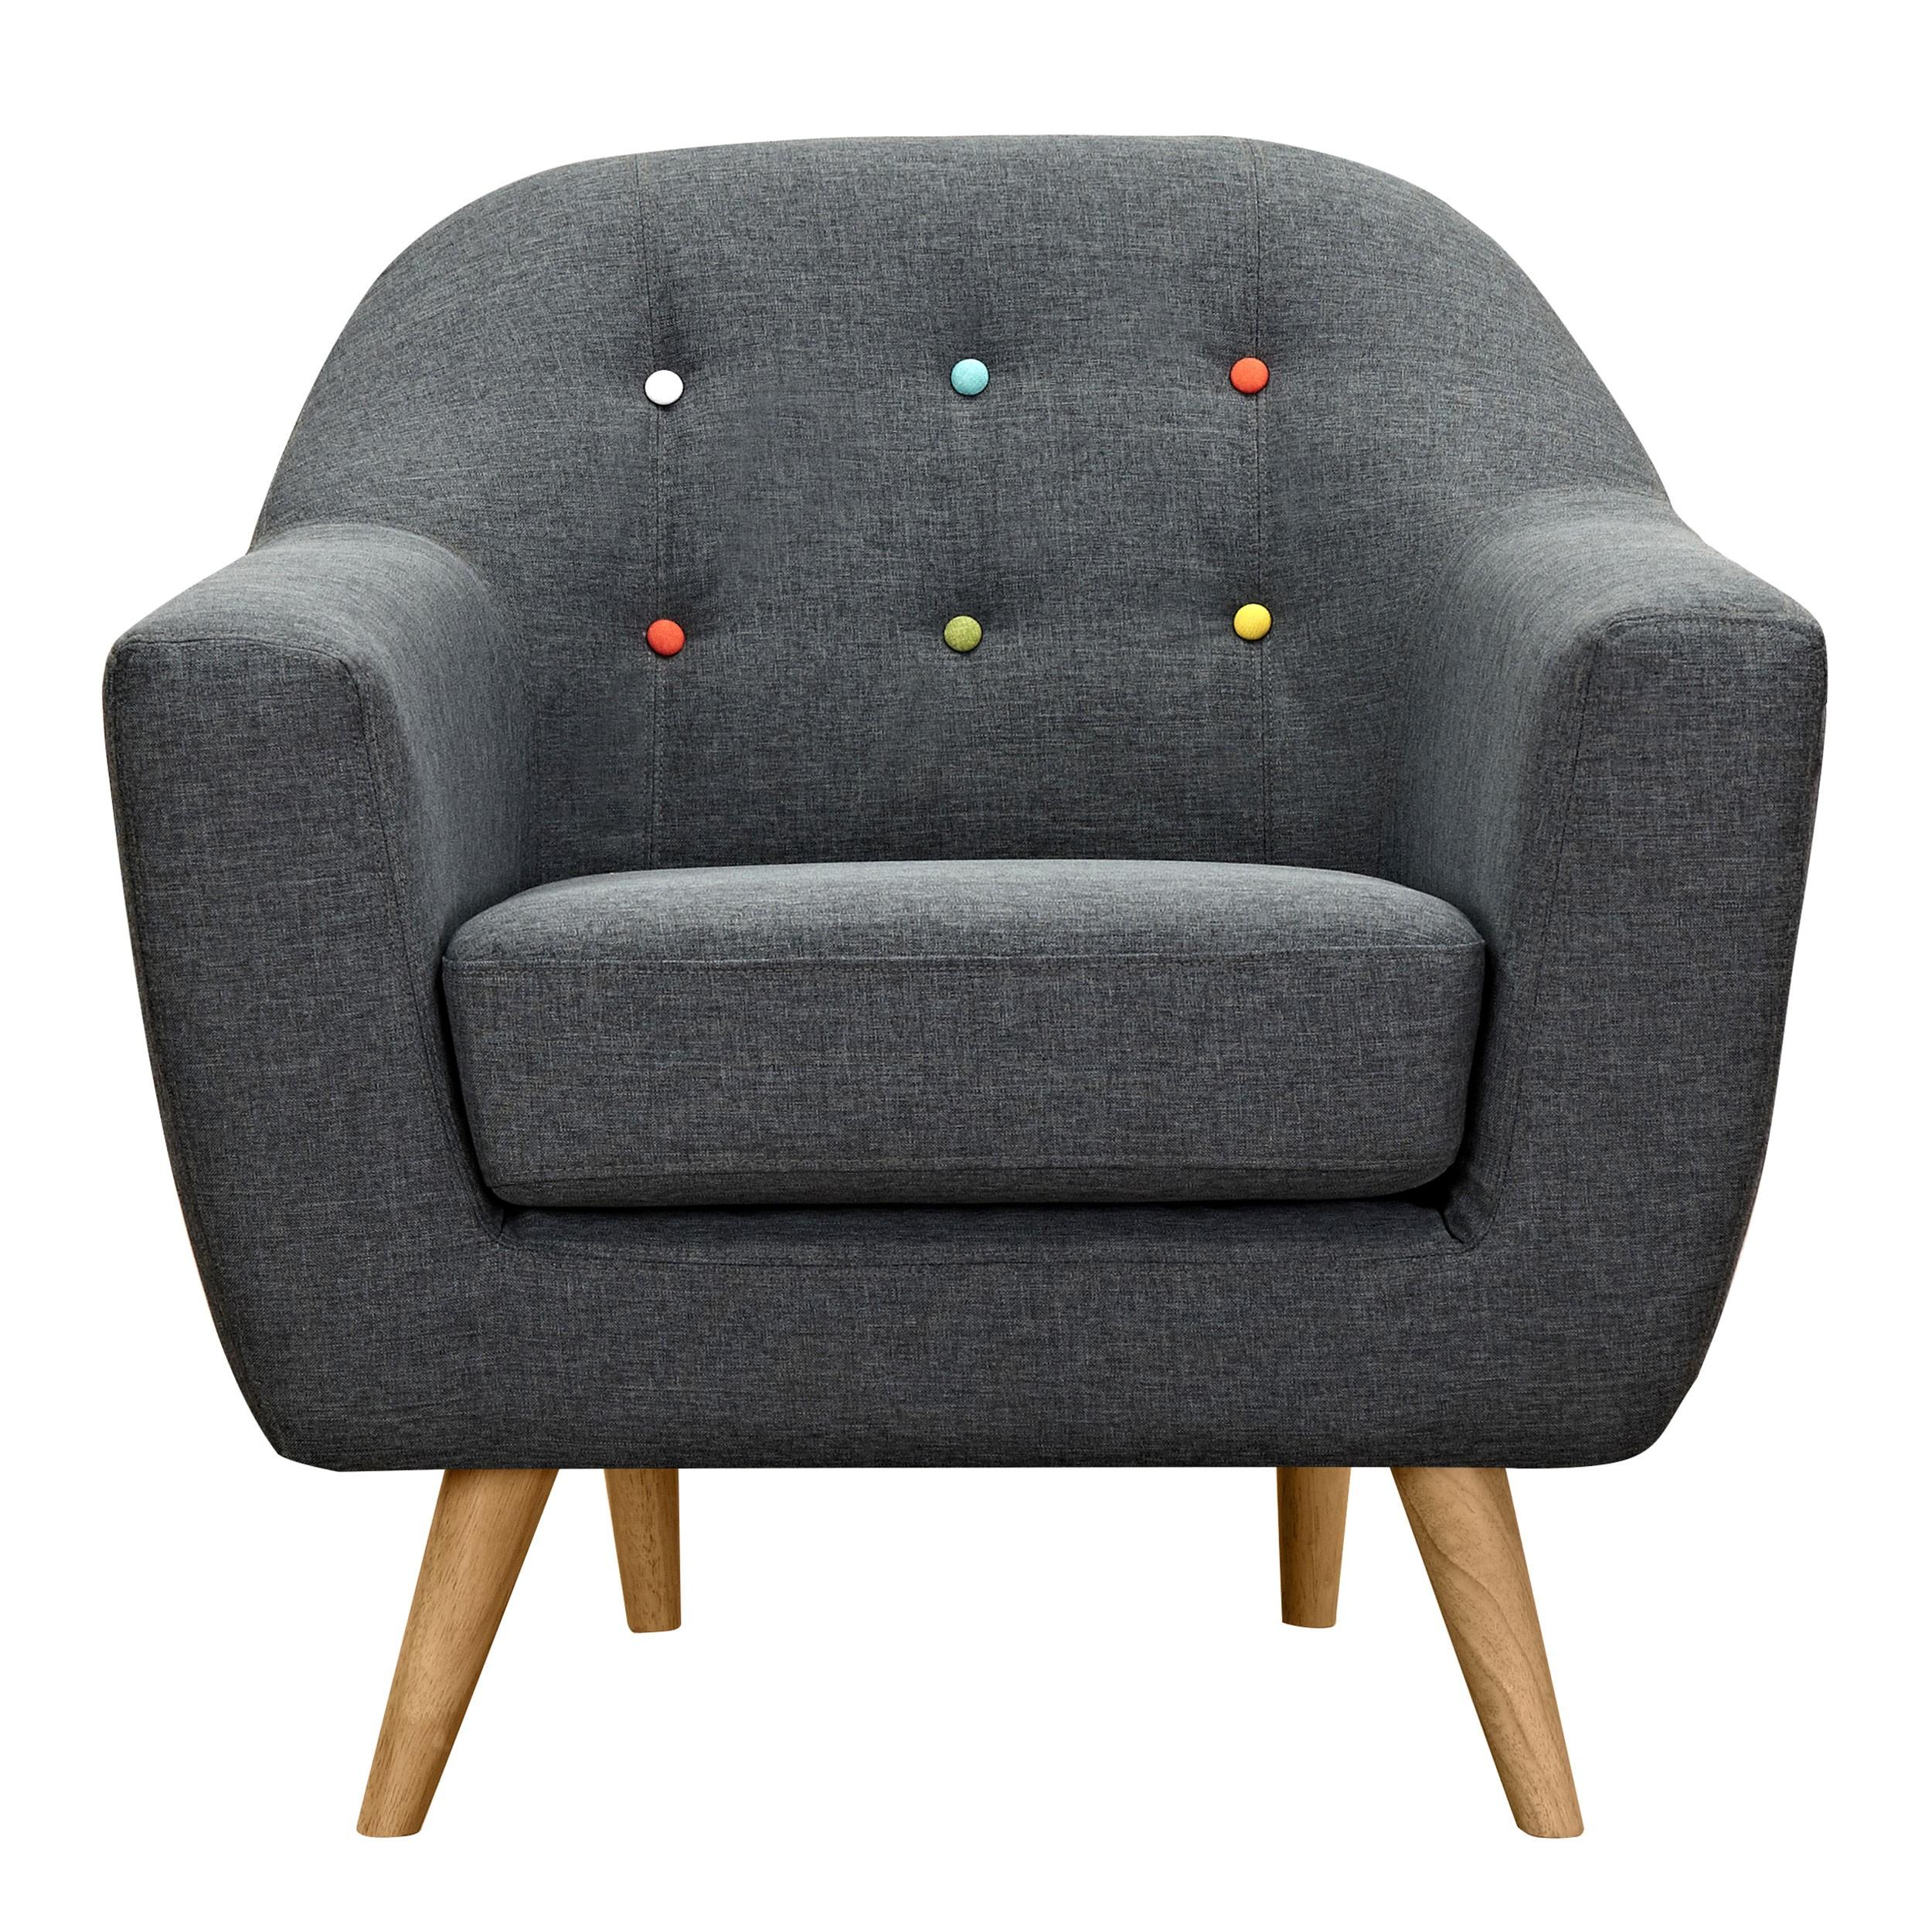 Fauteuil Rio gris foncé achetez nos fauteuils Rio gris foncé RDV Déco